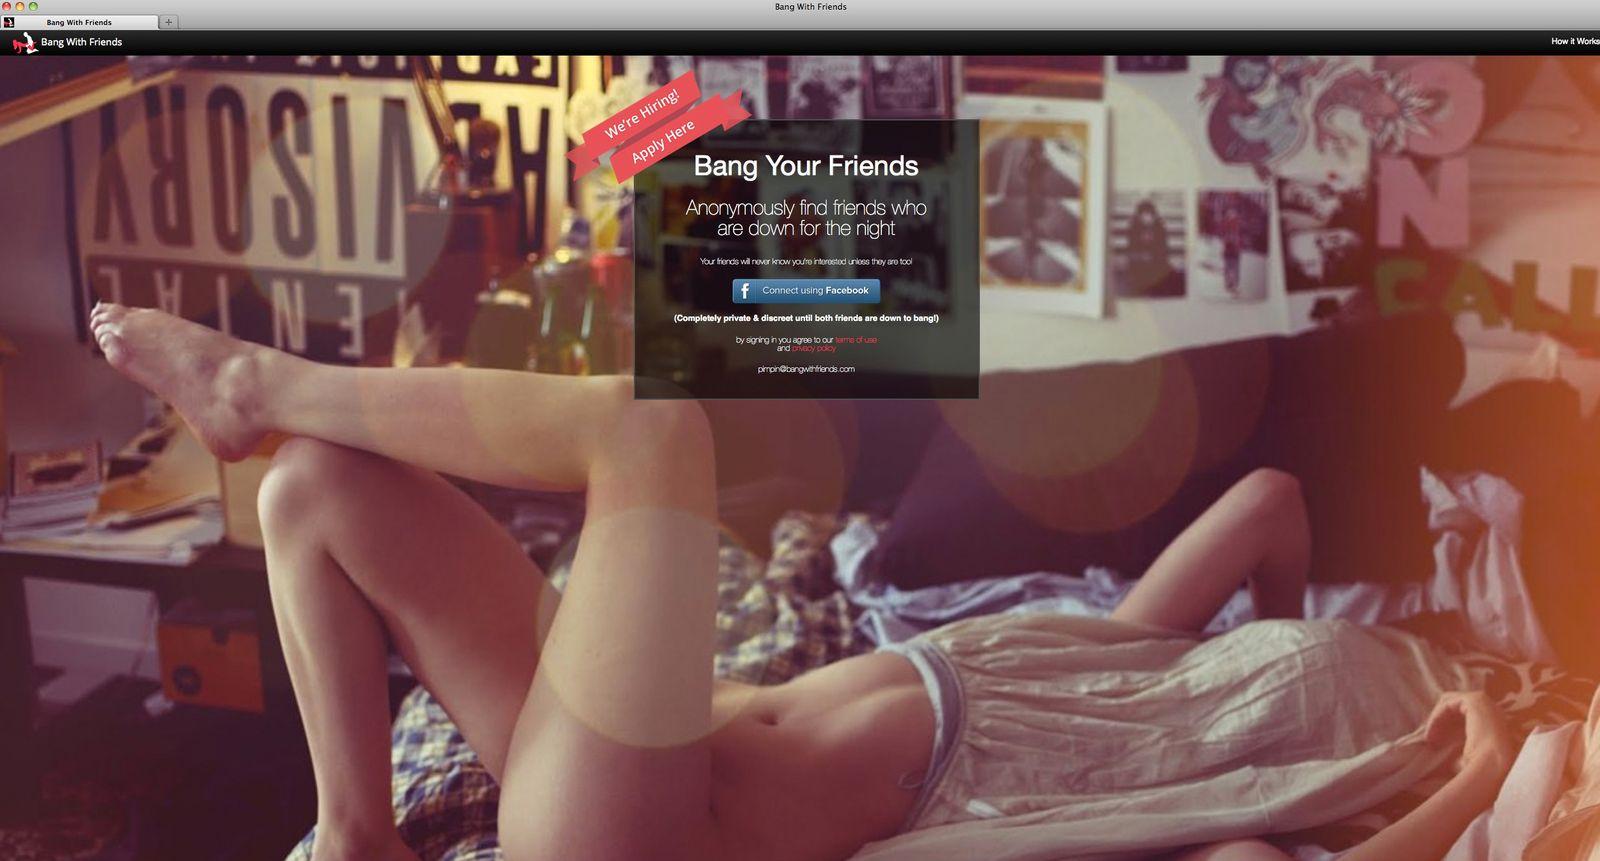 NUR ALS ZITAT Screenshot/ Bang Your Friends